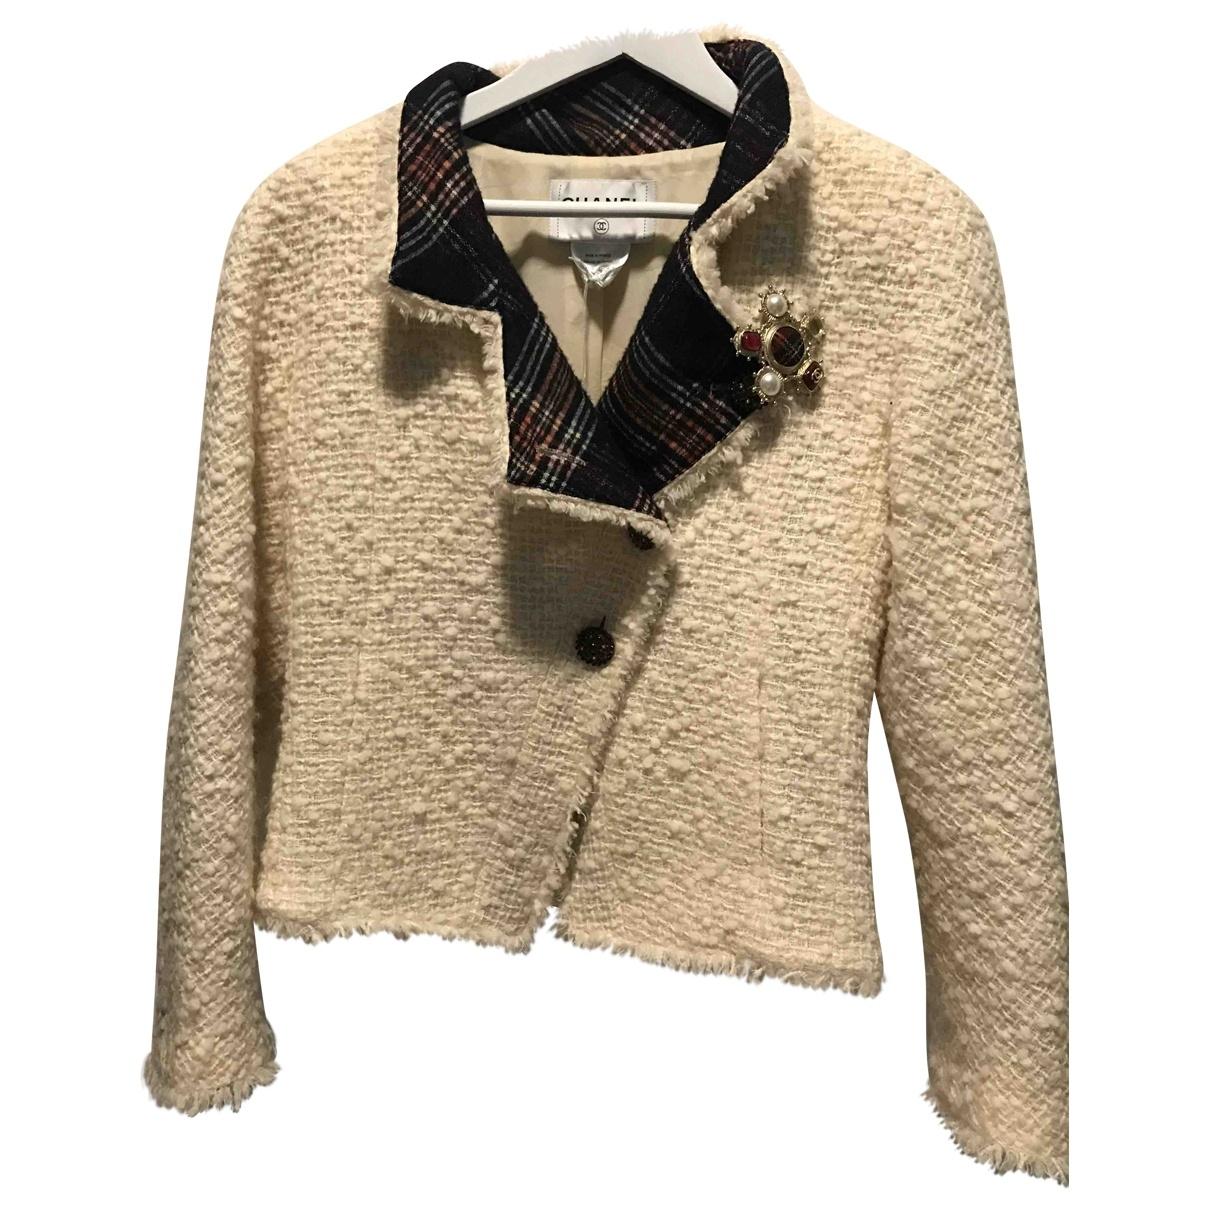 Chanel \N Ecru Wool jacket for Women 38 FR